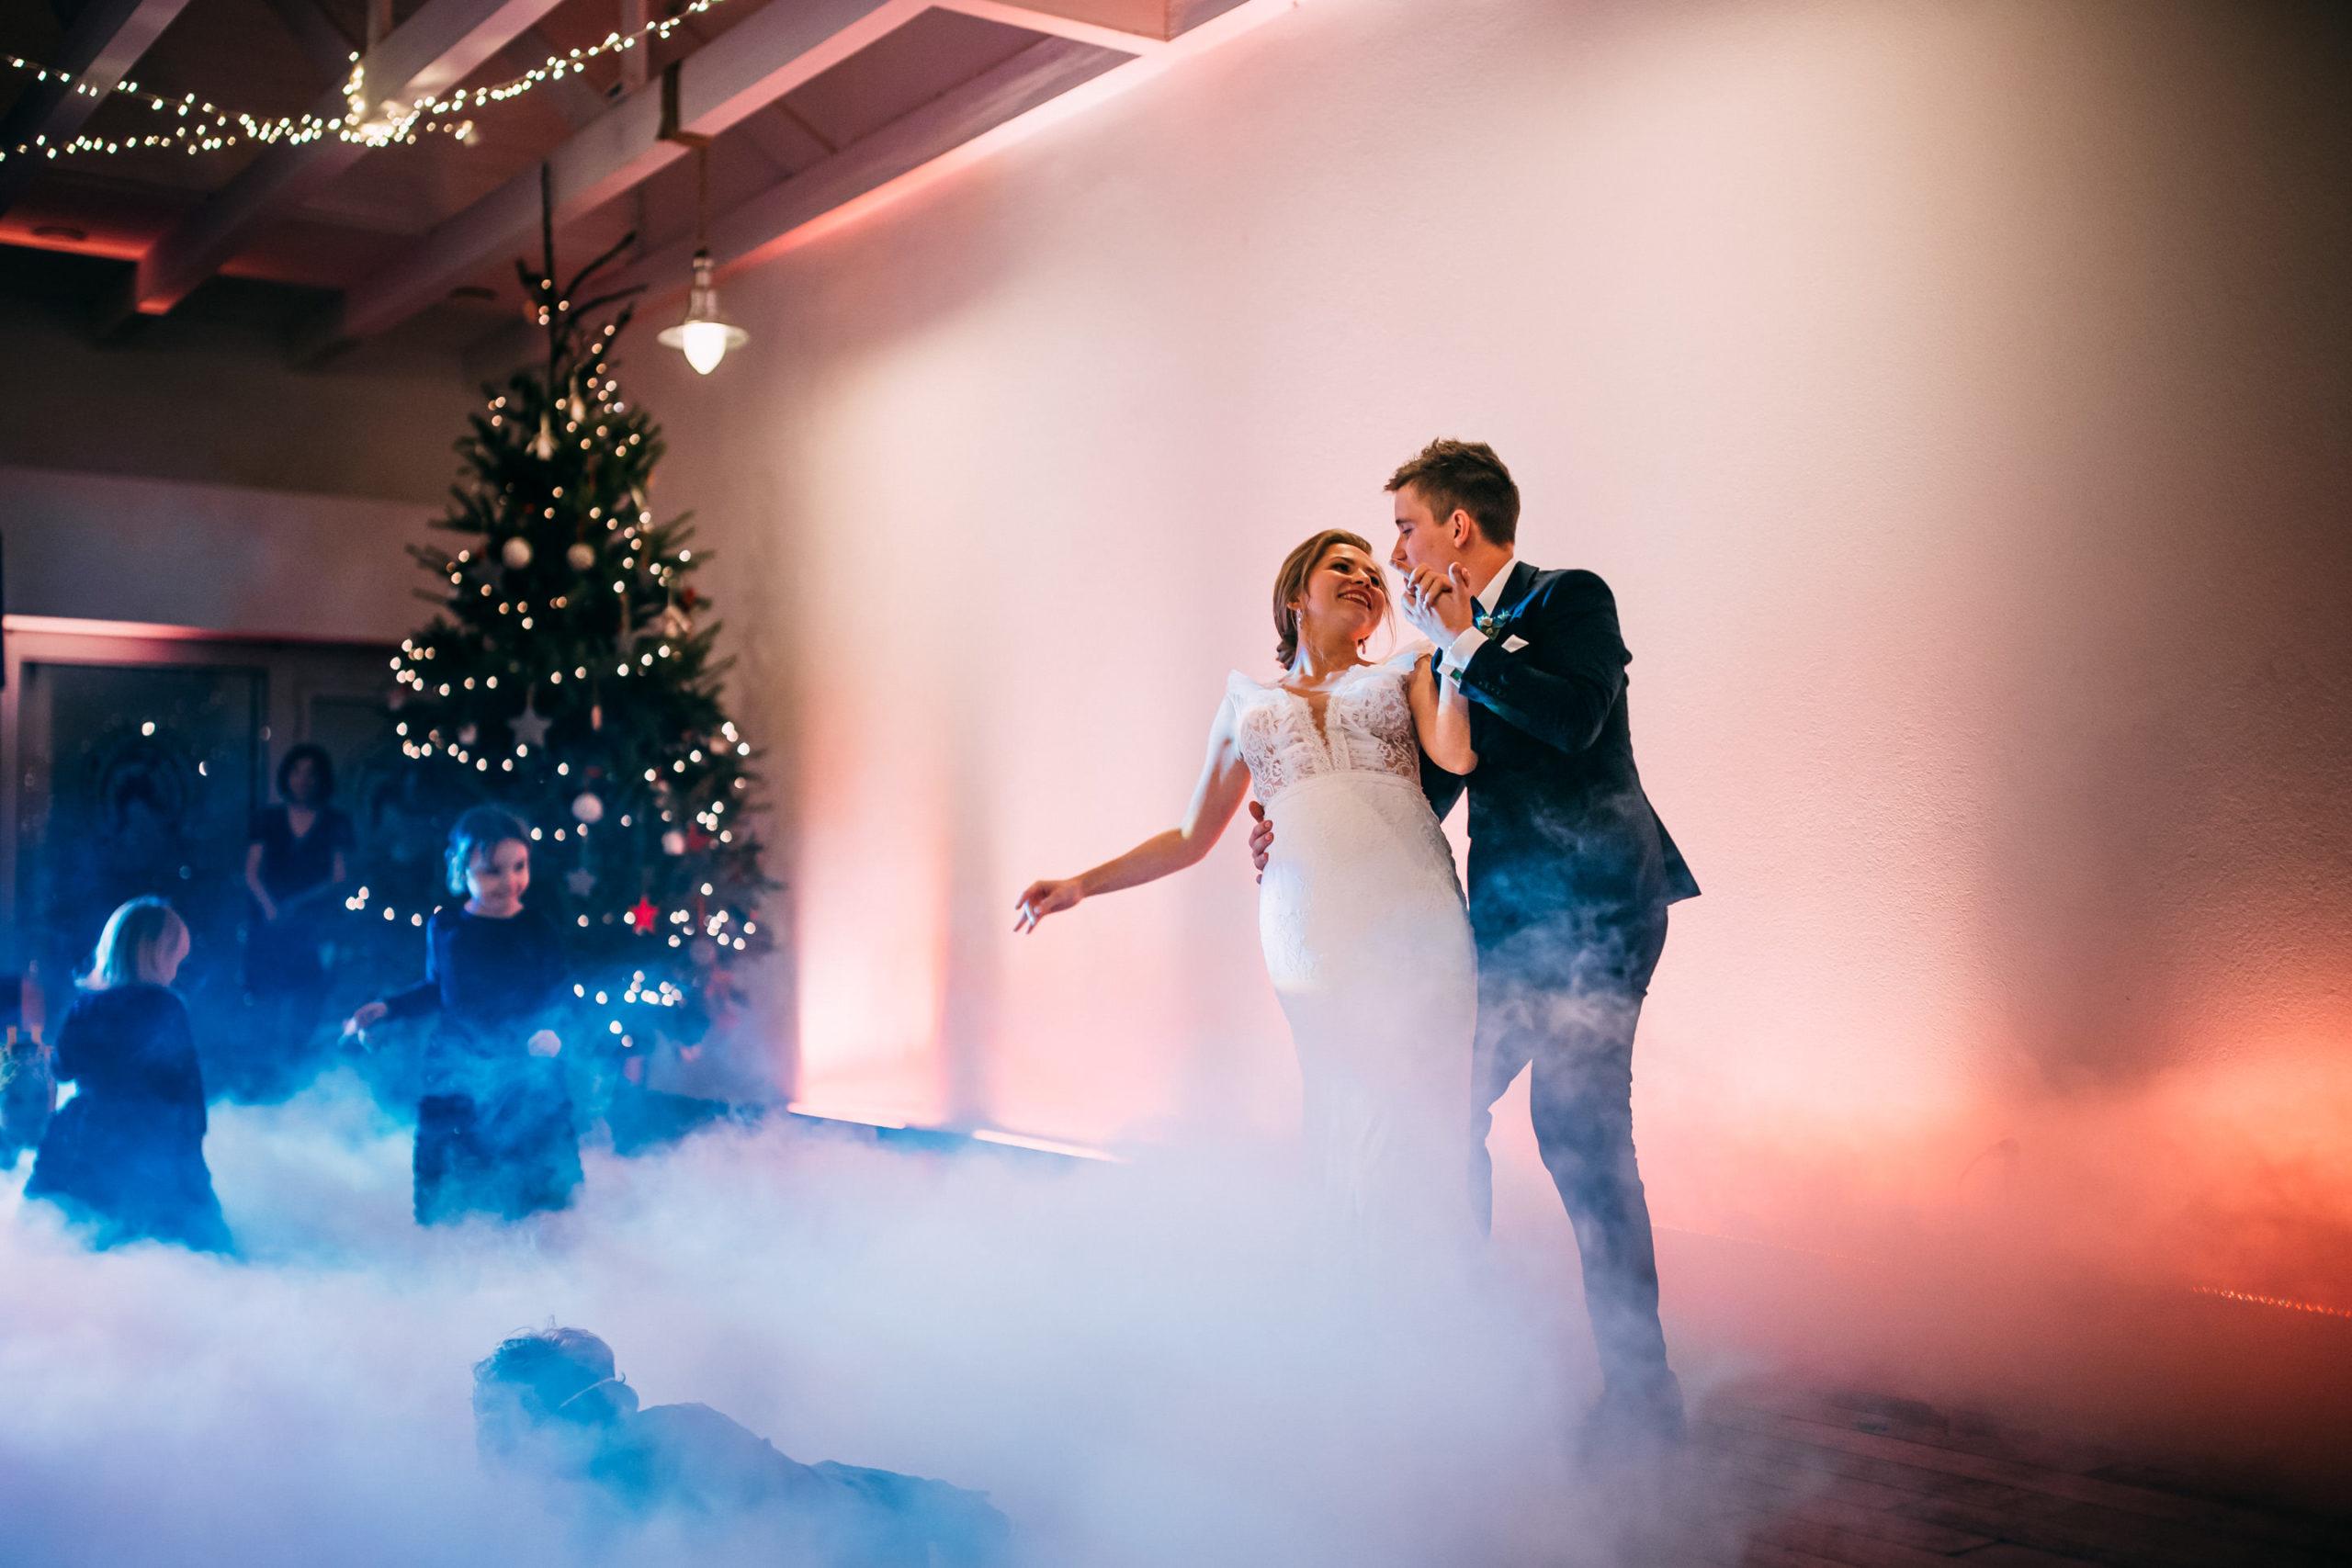 Bagatelka pierwszy taniec pary